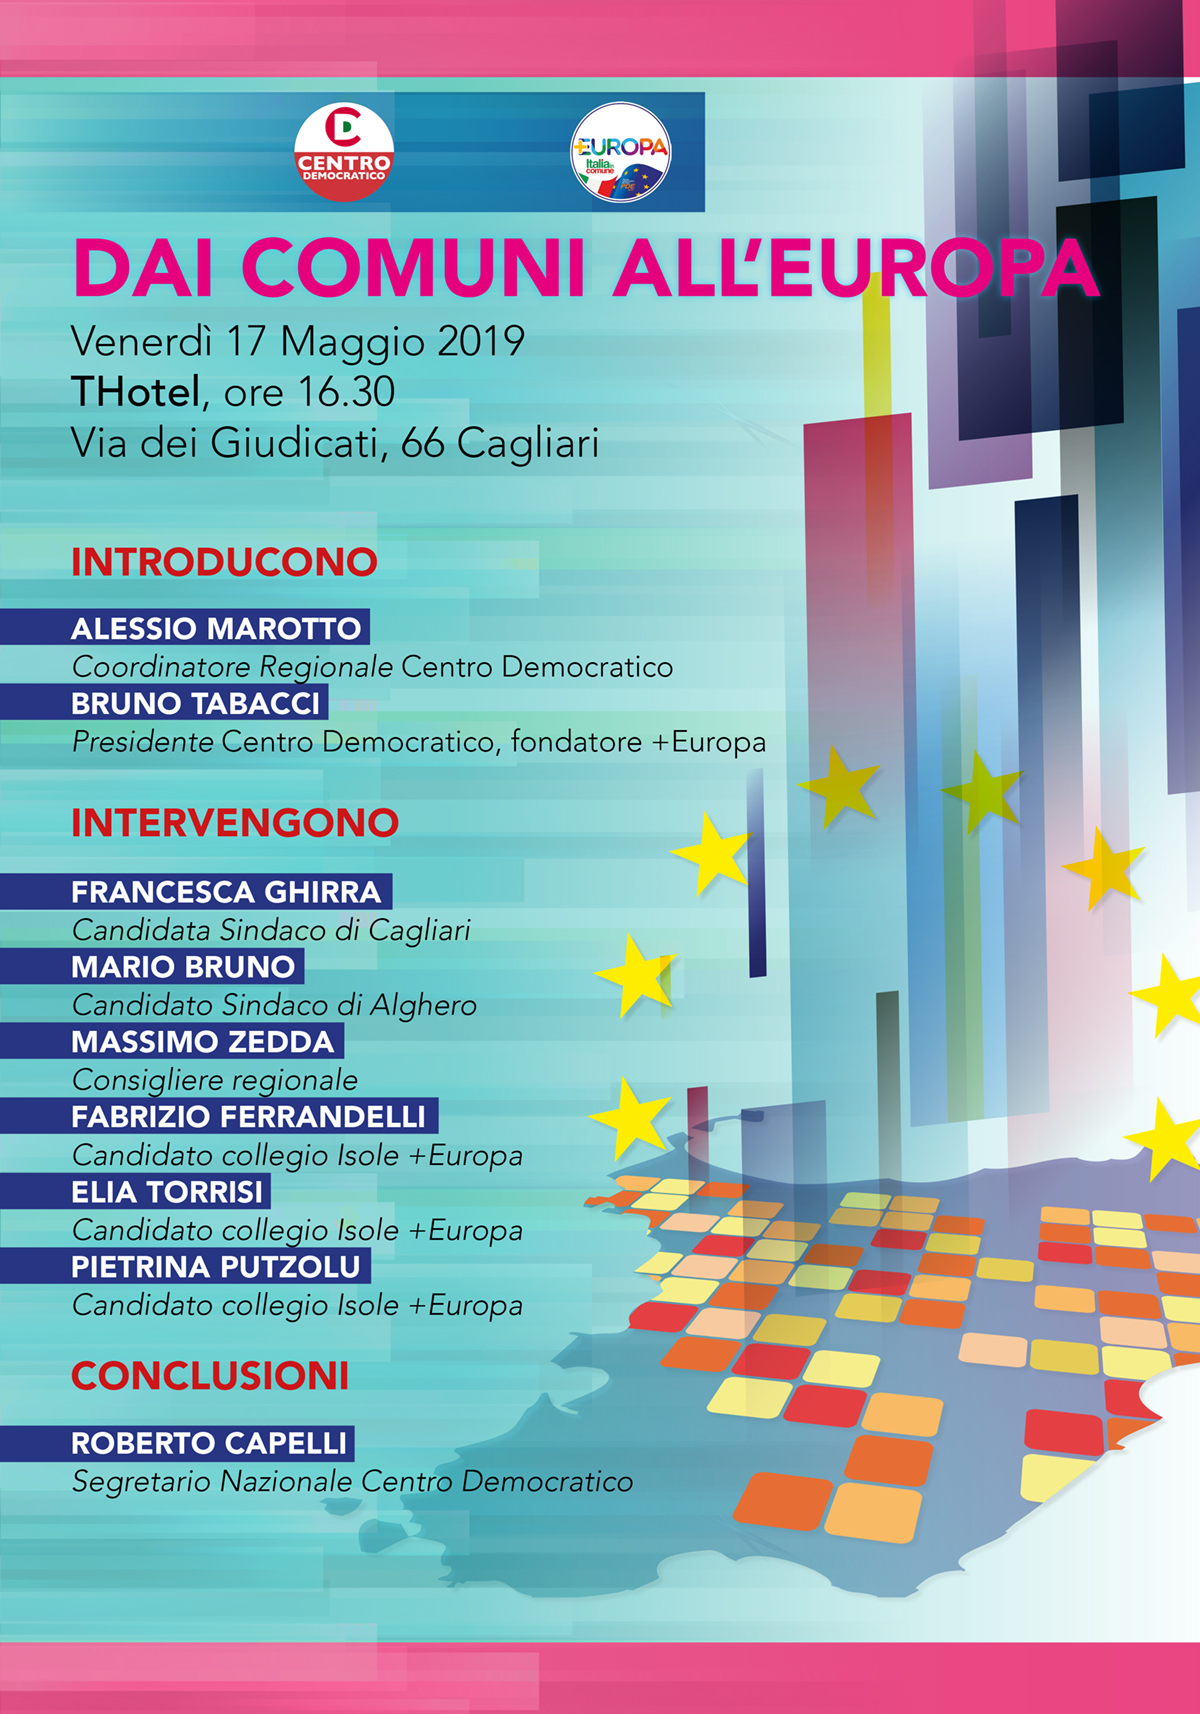 Cagliari 17 maggio 2019